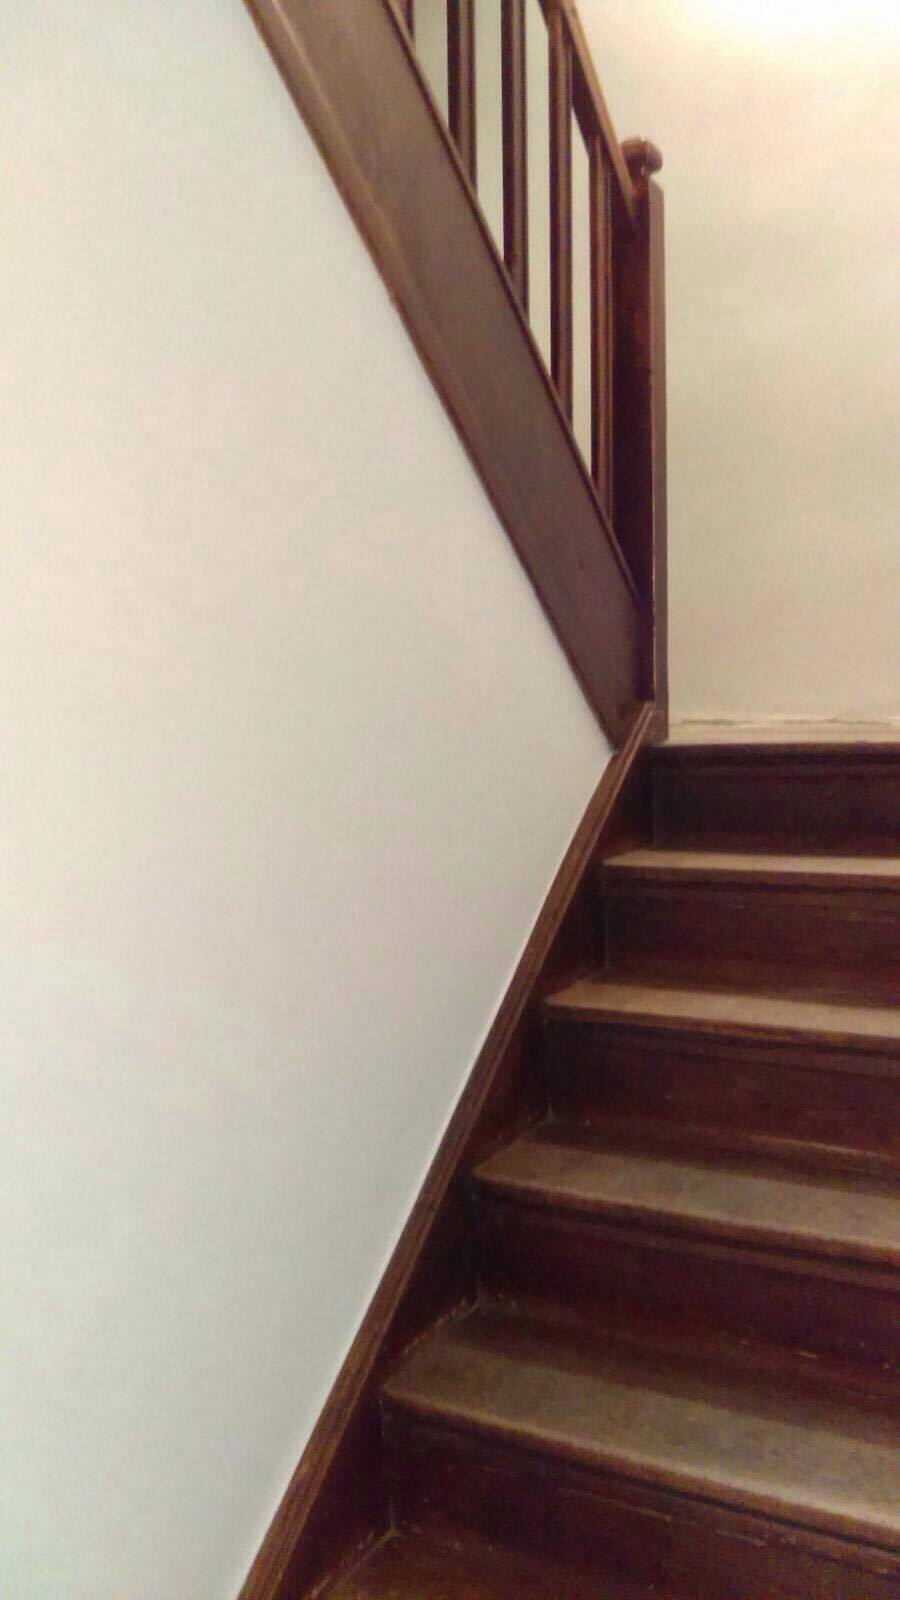 Remont schodów - usunięcie okładziny